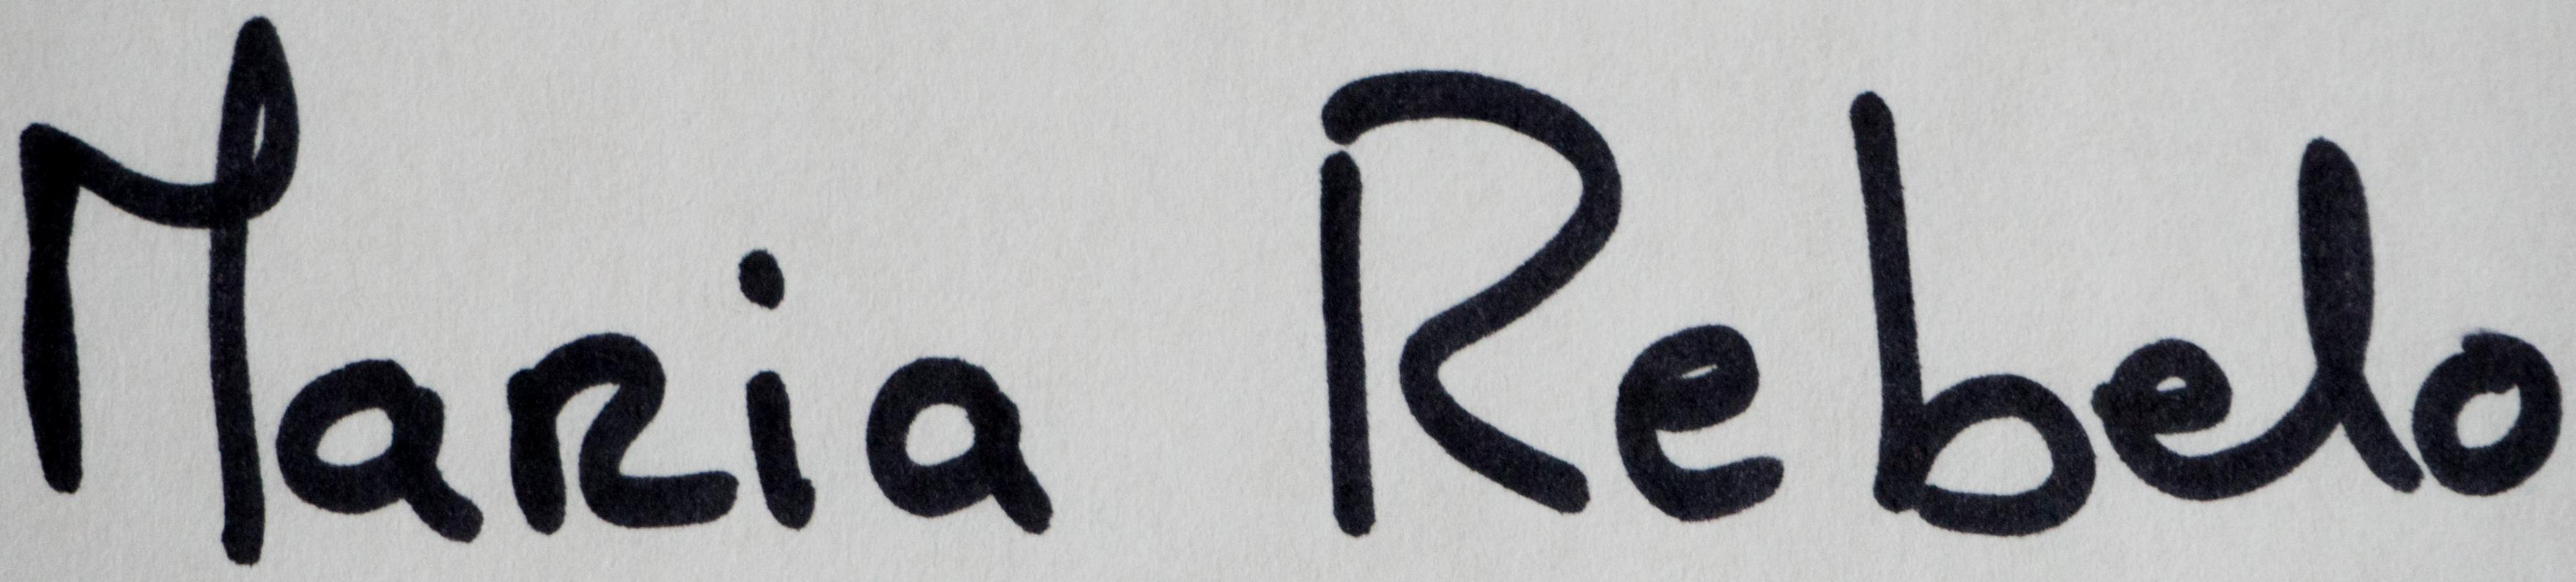 MARIA REBELO's Signature